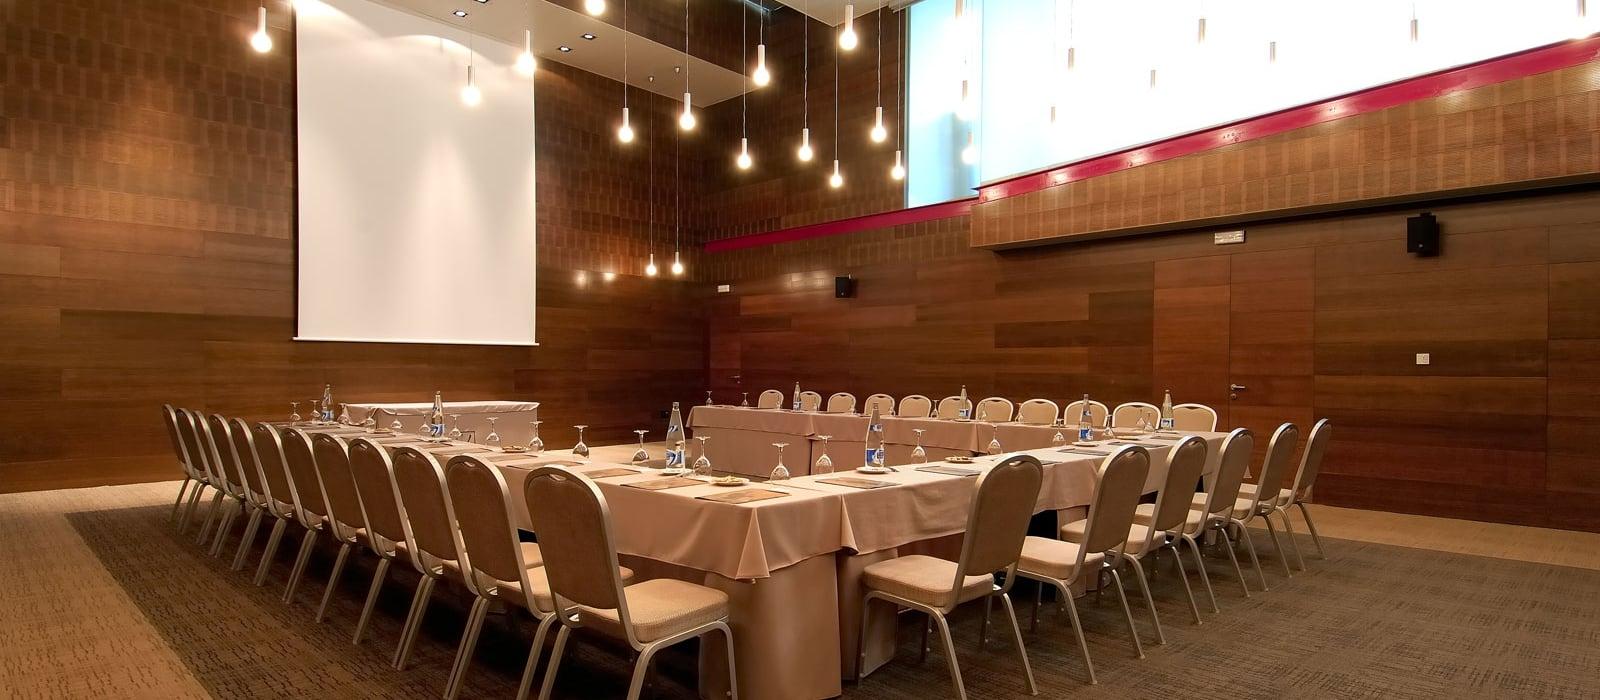 Services de Soho Hôtel Madrid - Vincci Hoteles - Salles